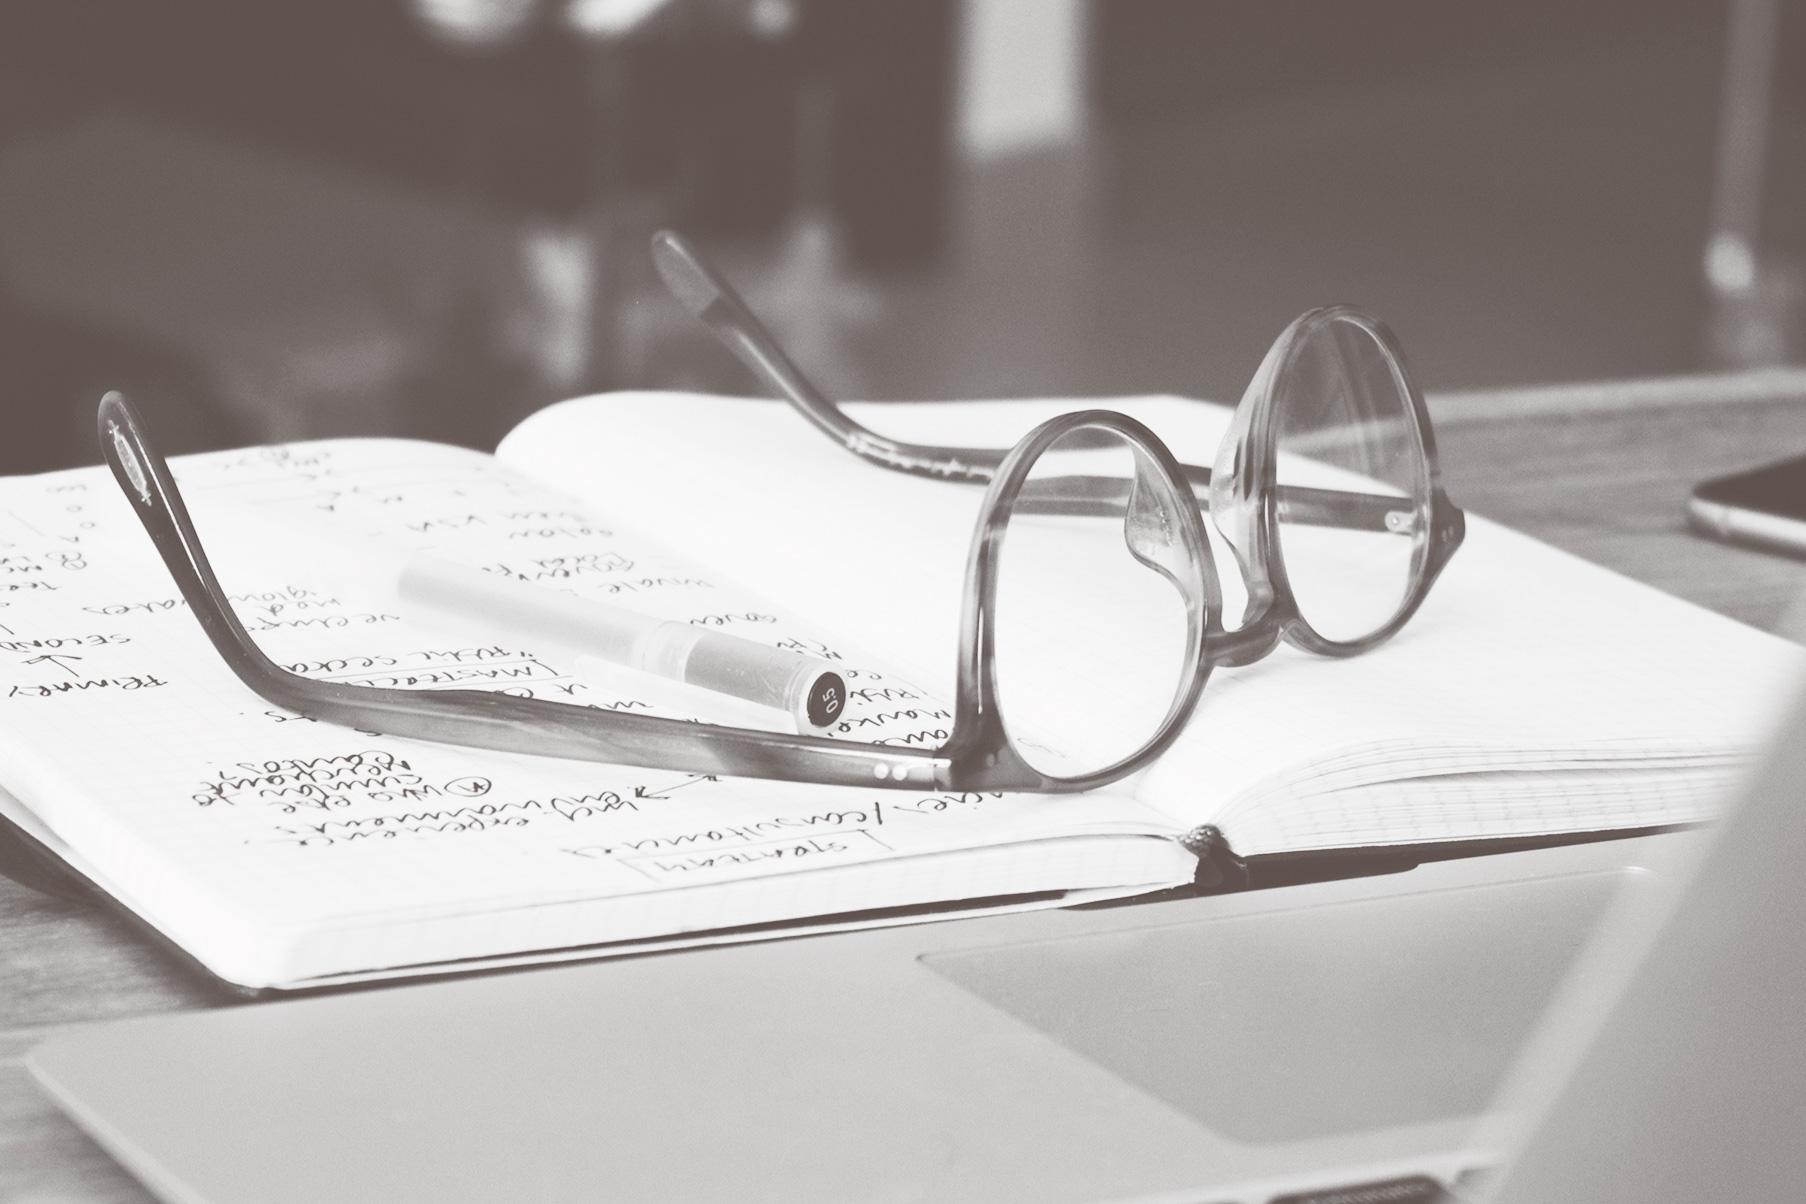 Erste Schritte im Trauerfall - Brille auf Notizbuch